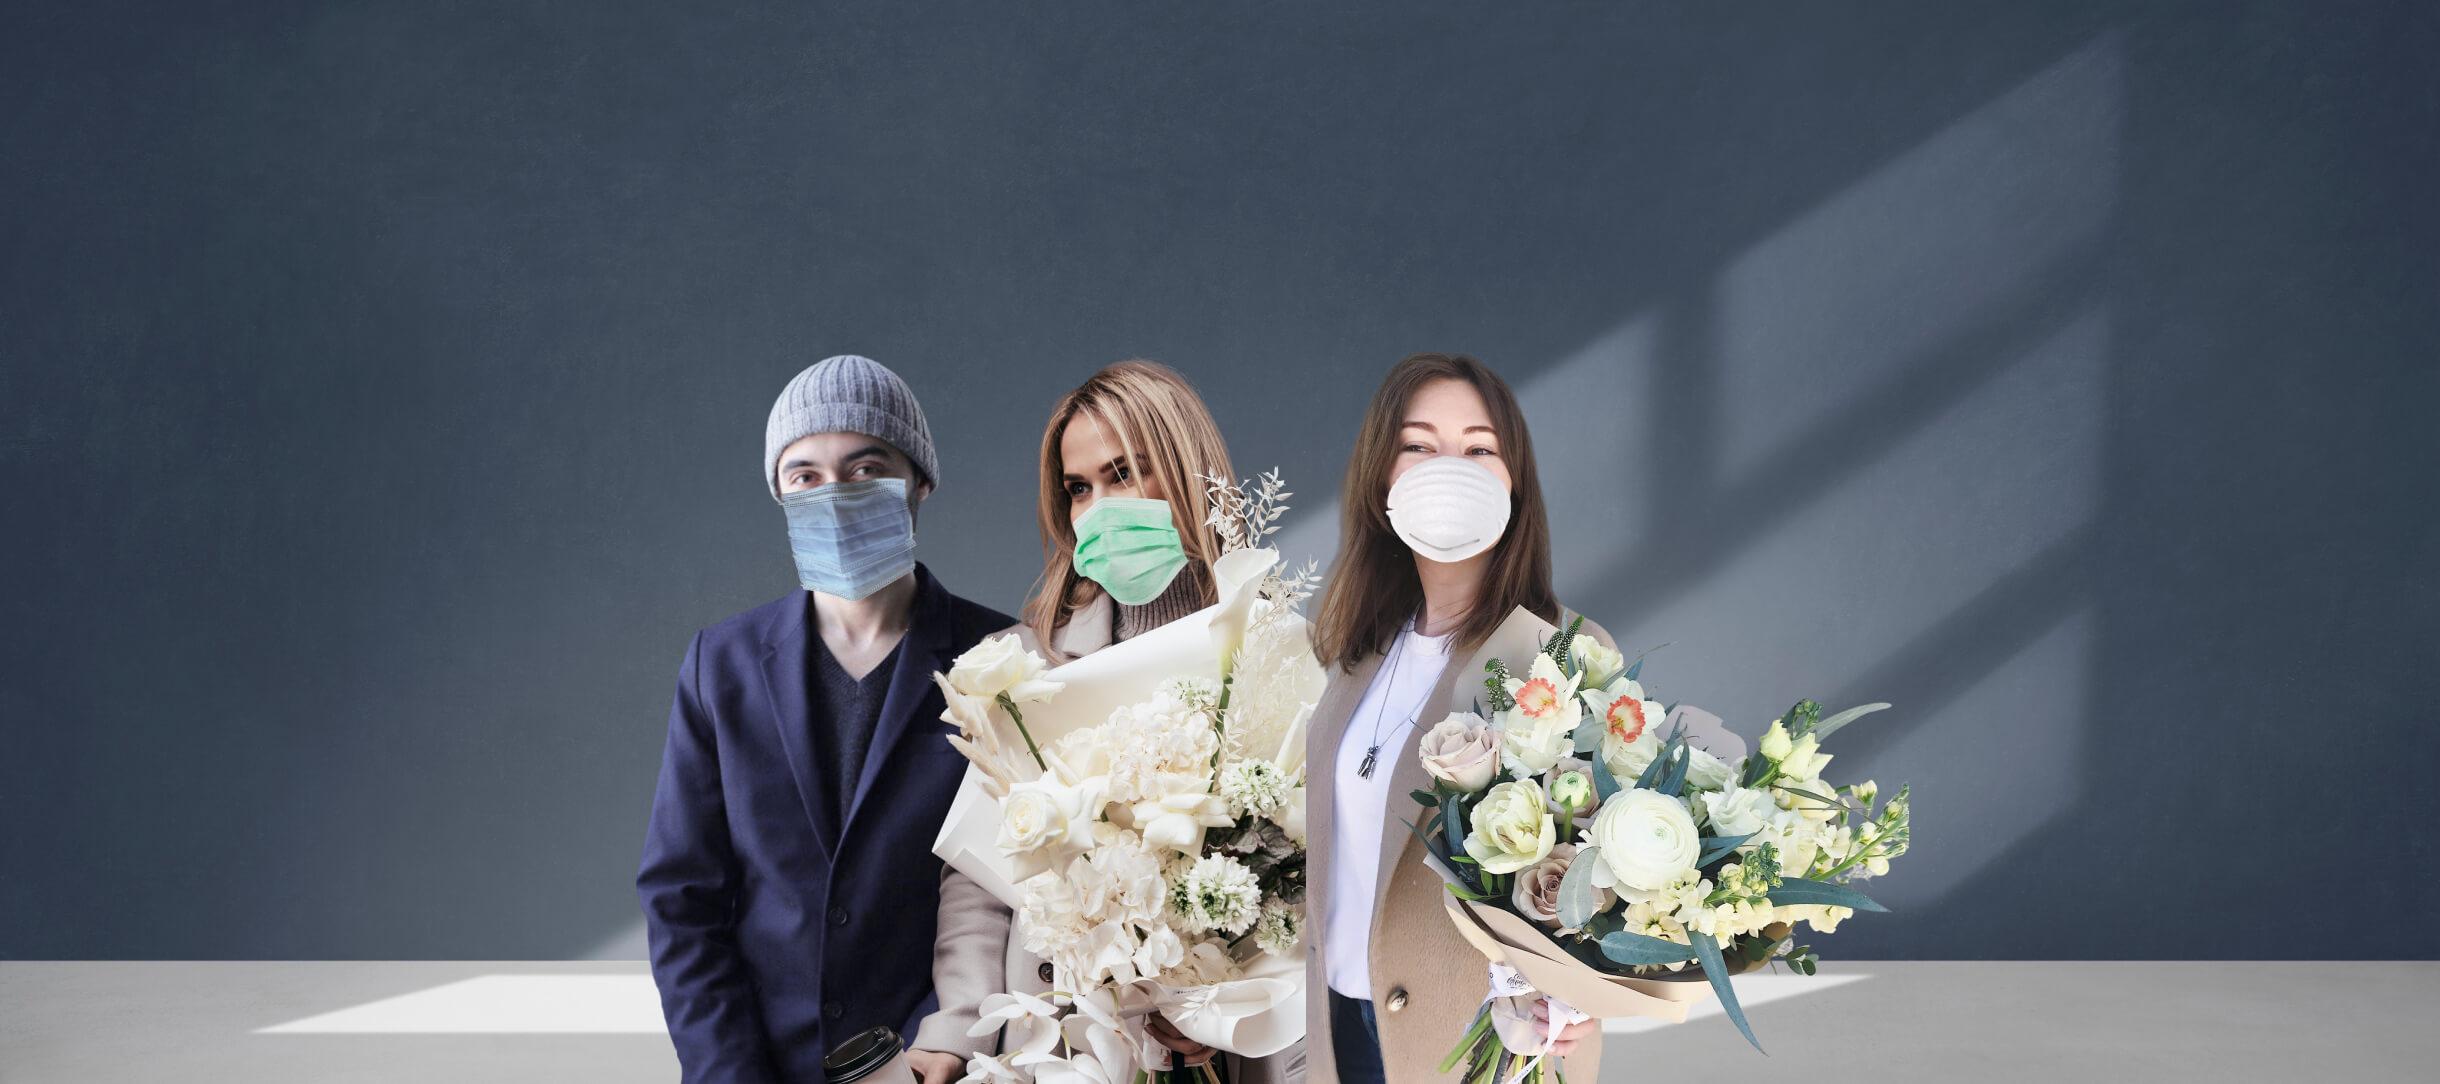 Три героя статьи в медицинских масках